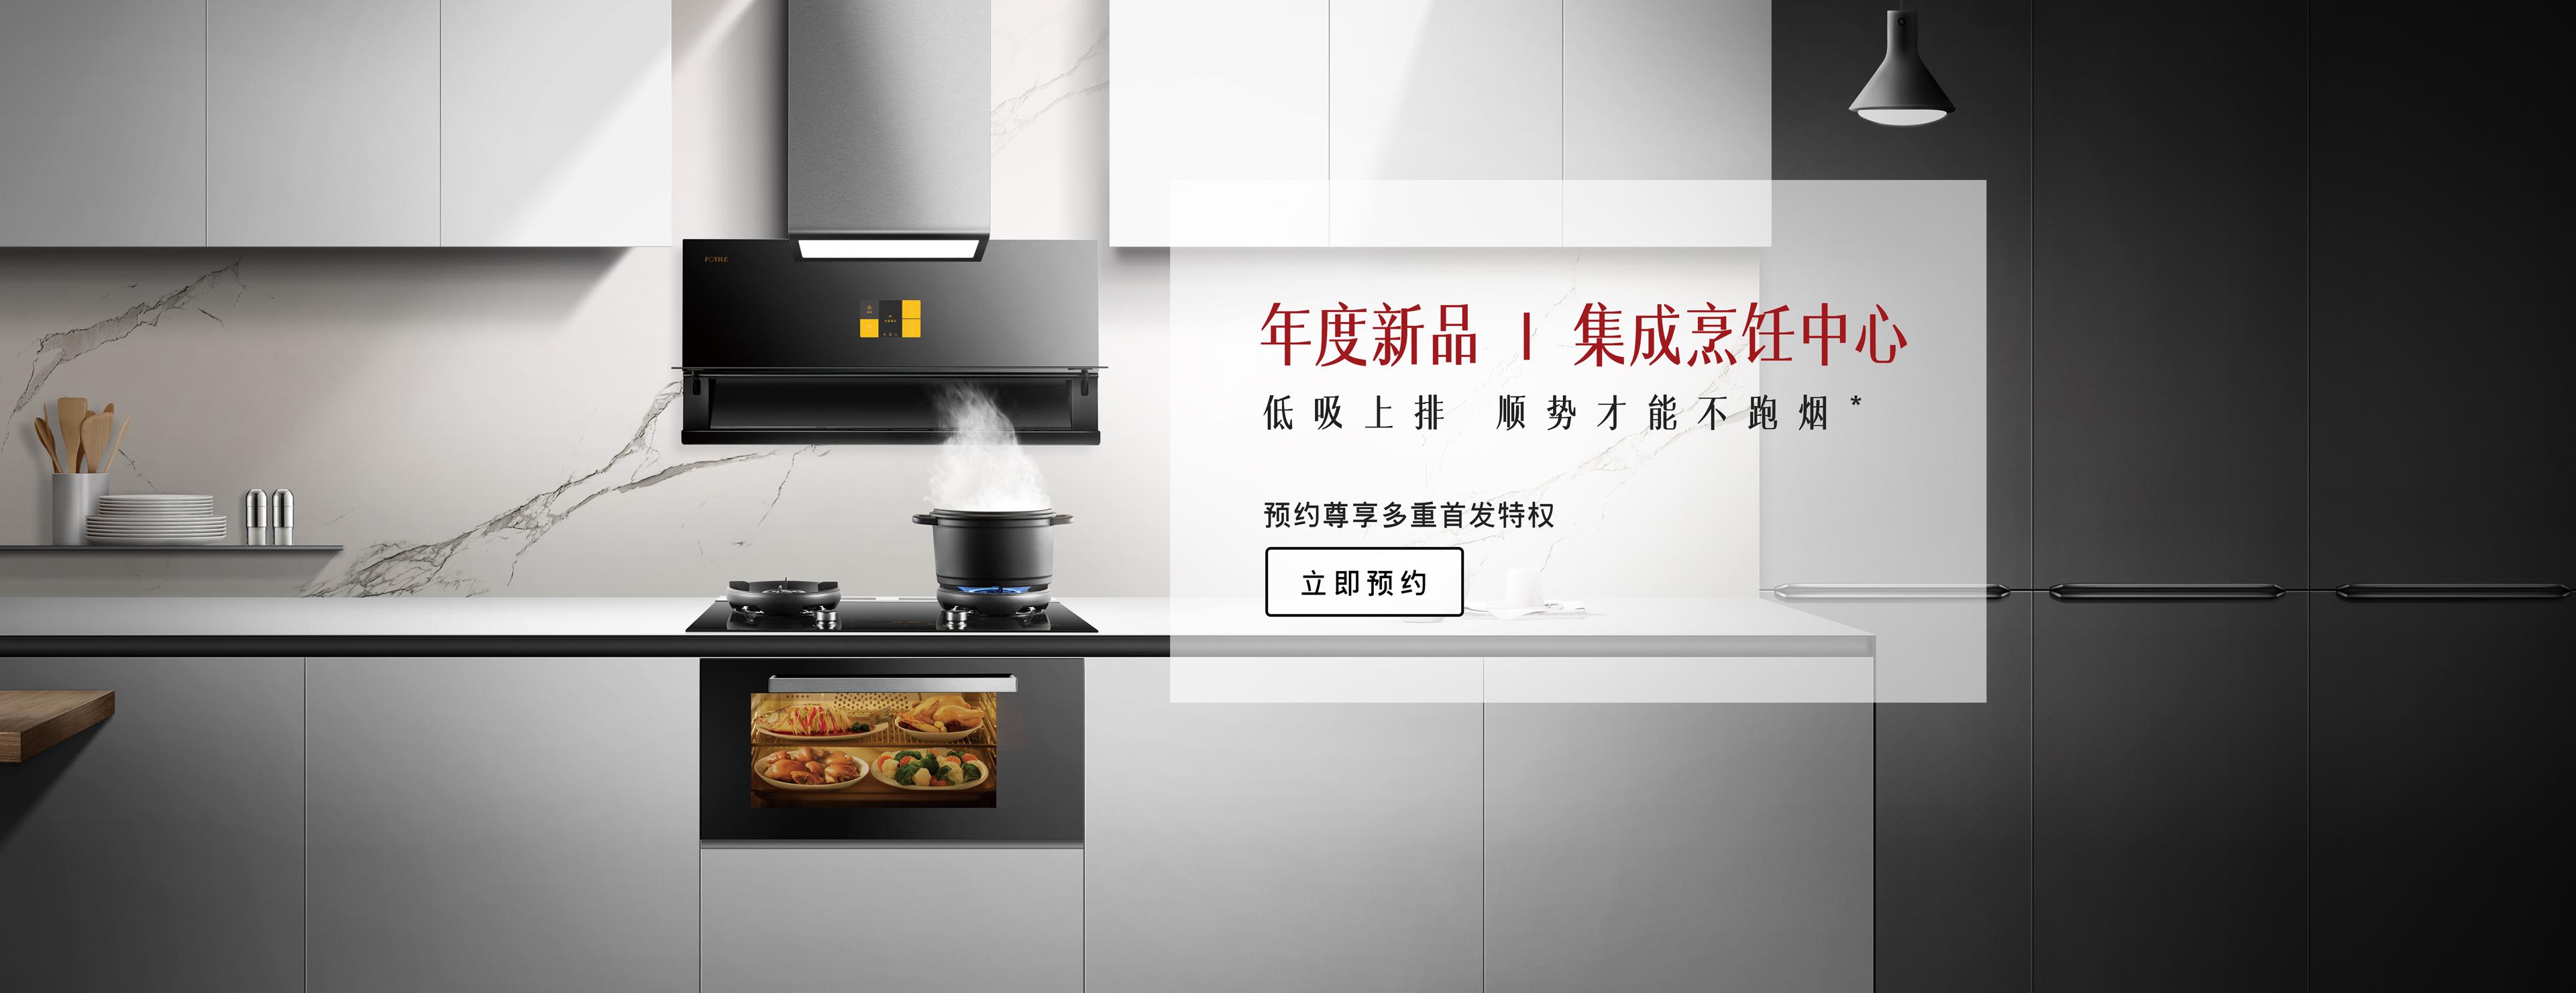 方太年度新品 集成烹飪中心 - FOTILE方太廚房電器官方網站